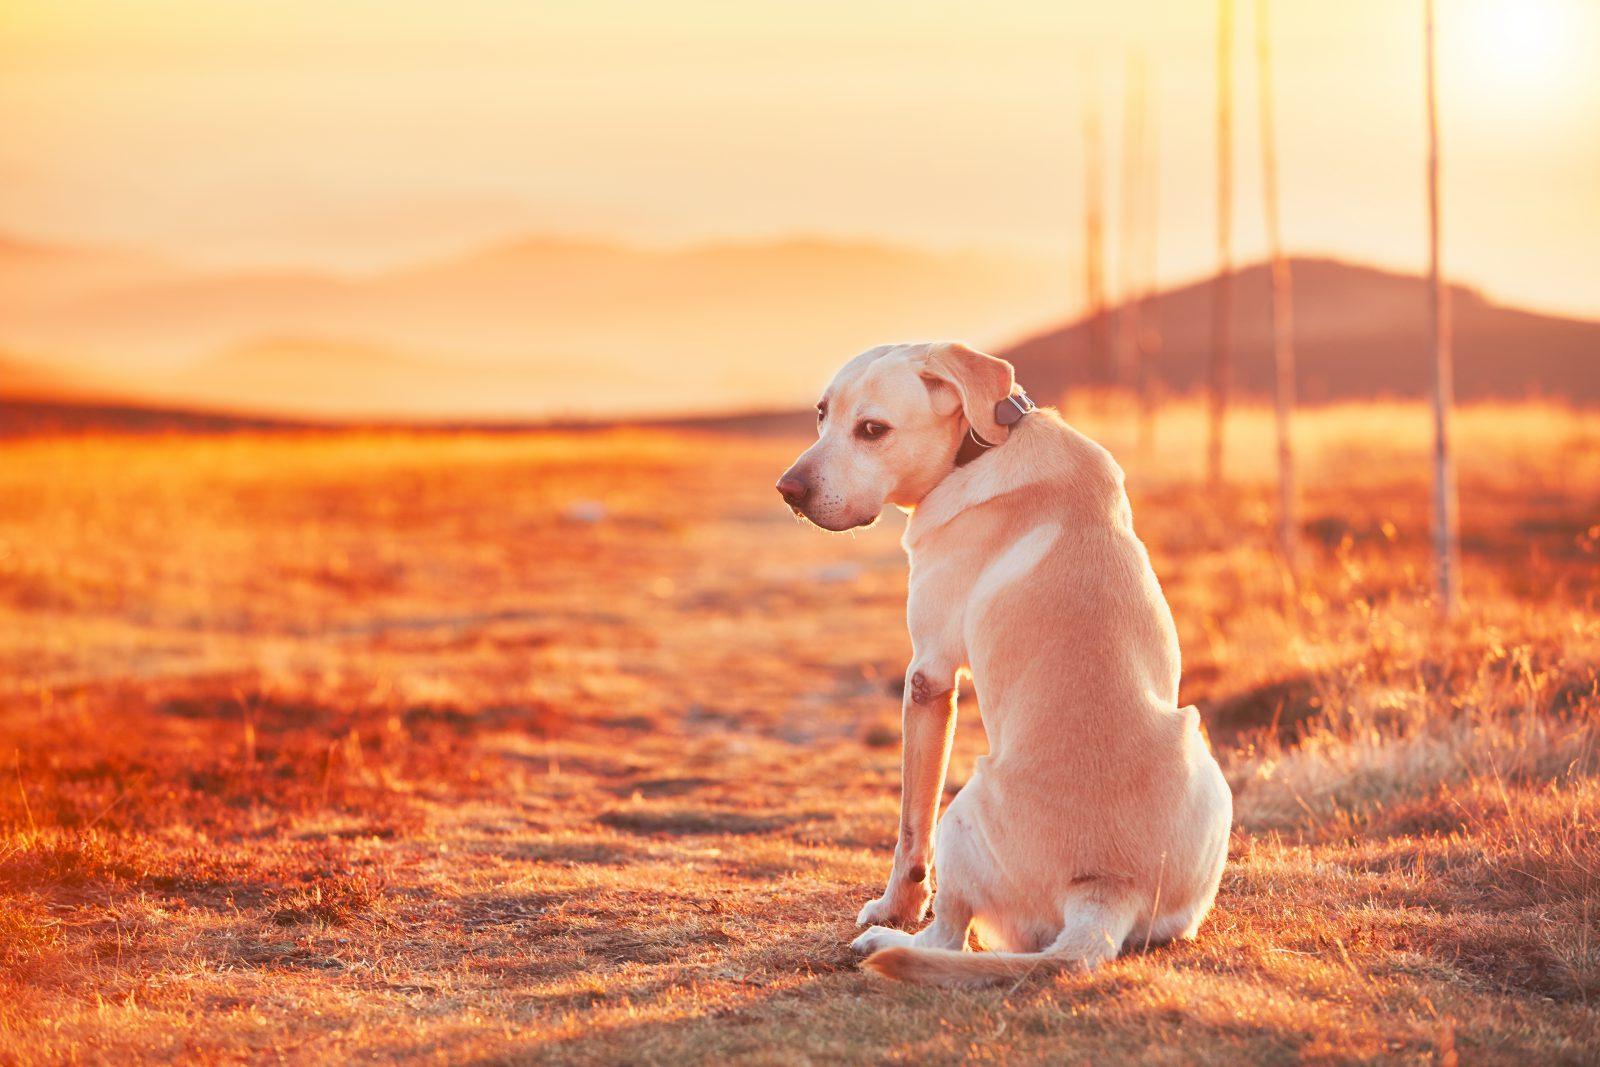 Fotos de cachorro vira lata: Cachorro abandonado na rua assistindo ao espetáculo do pôr do sol.